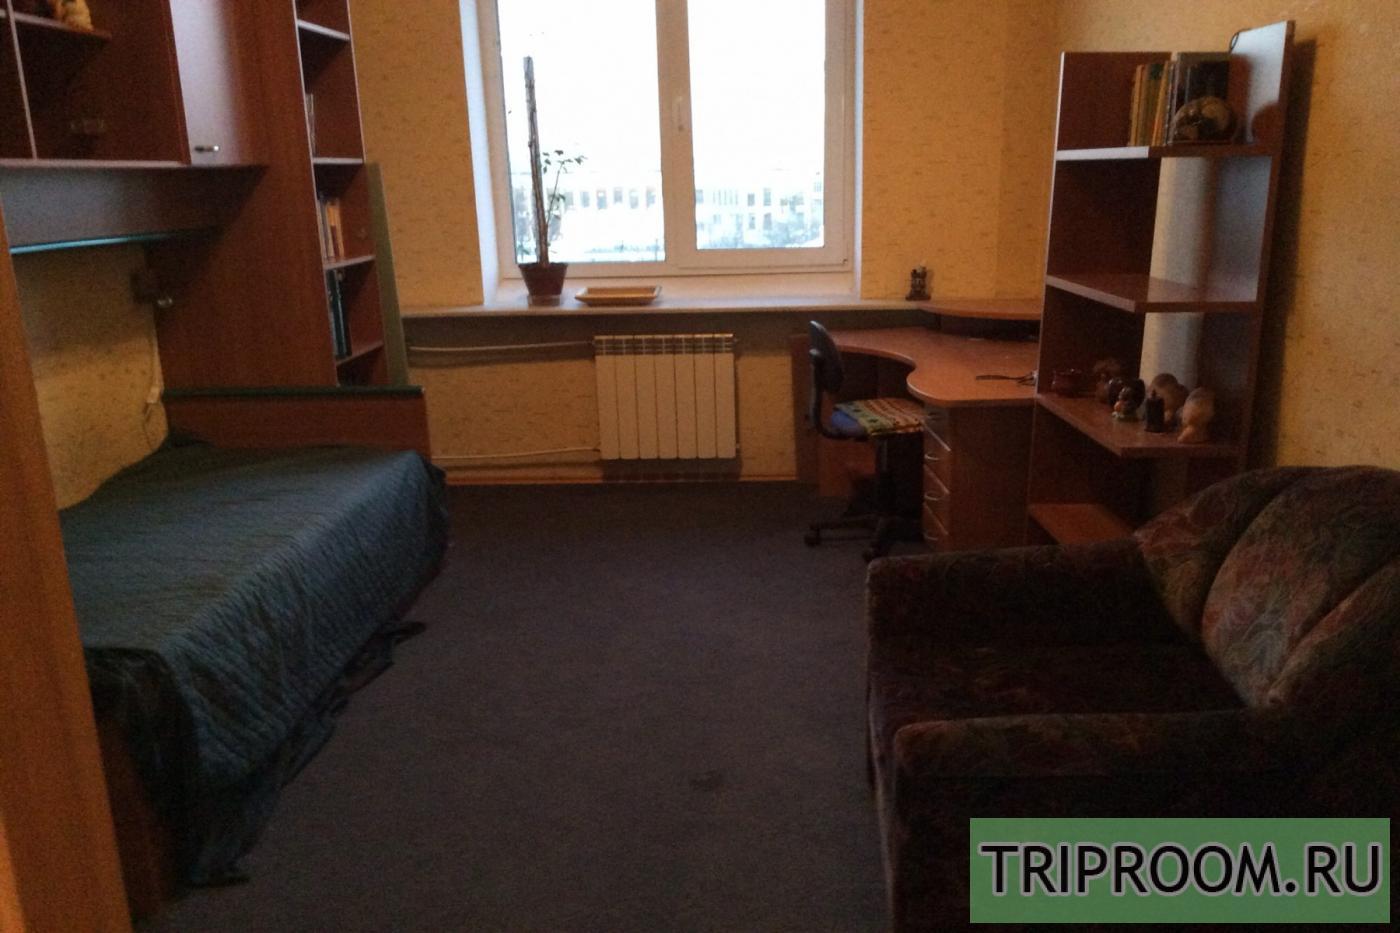 2-комнатная квартира посуточно (вариант № 32172), ул. Лесной, фото № 7